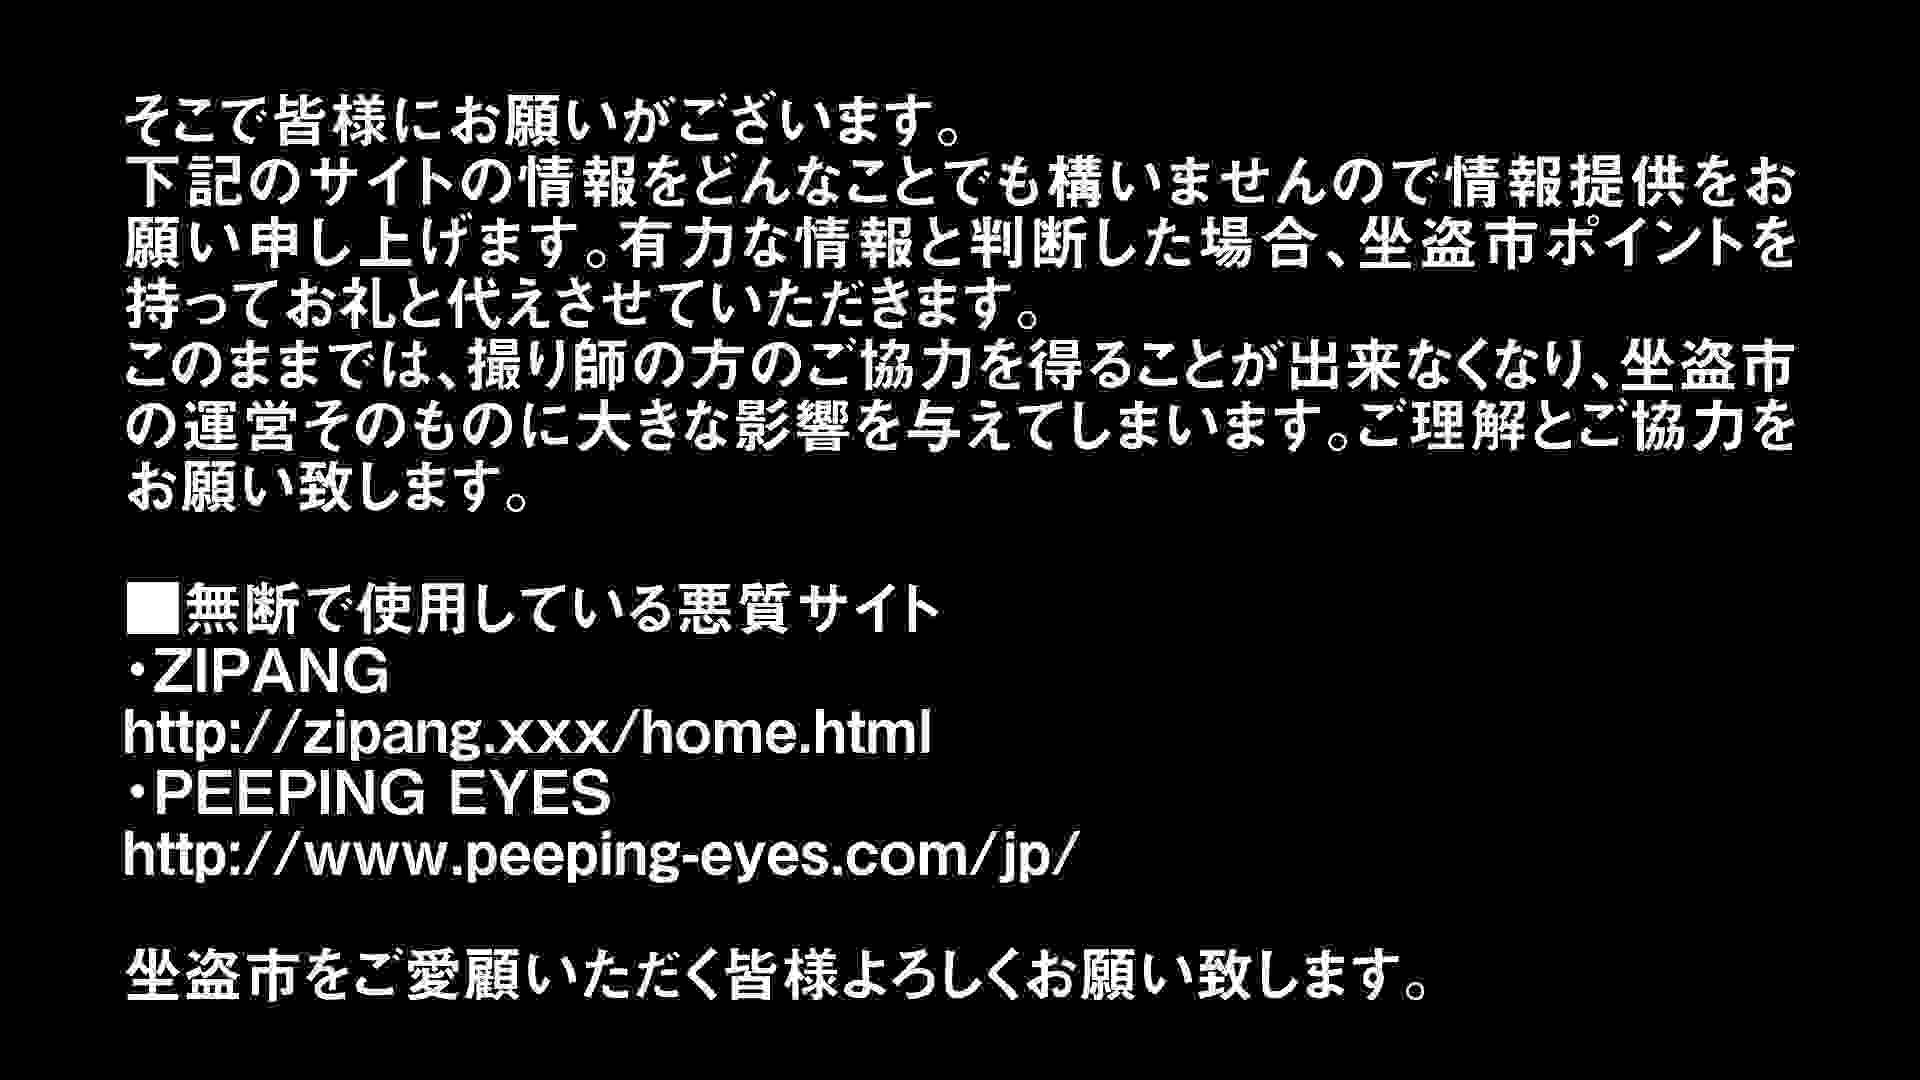 Aquaな露天風呂Vol.300 盗撮 | 露天風呂  83連発 25